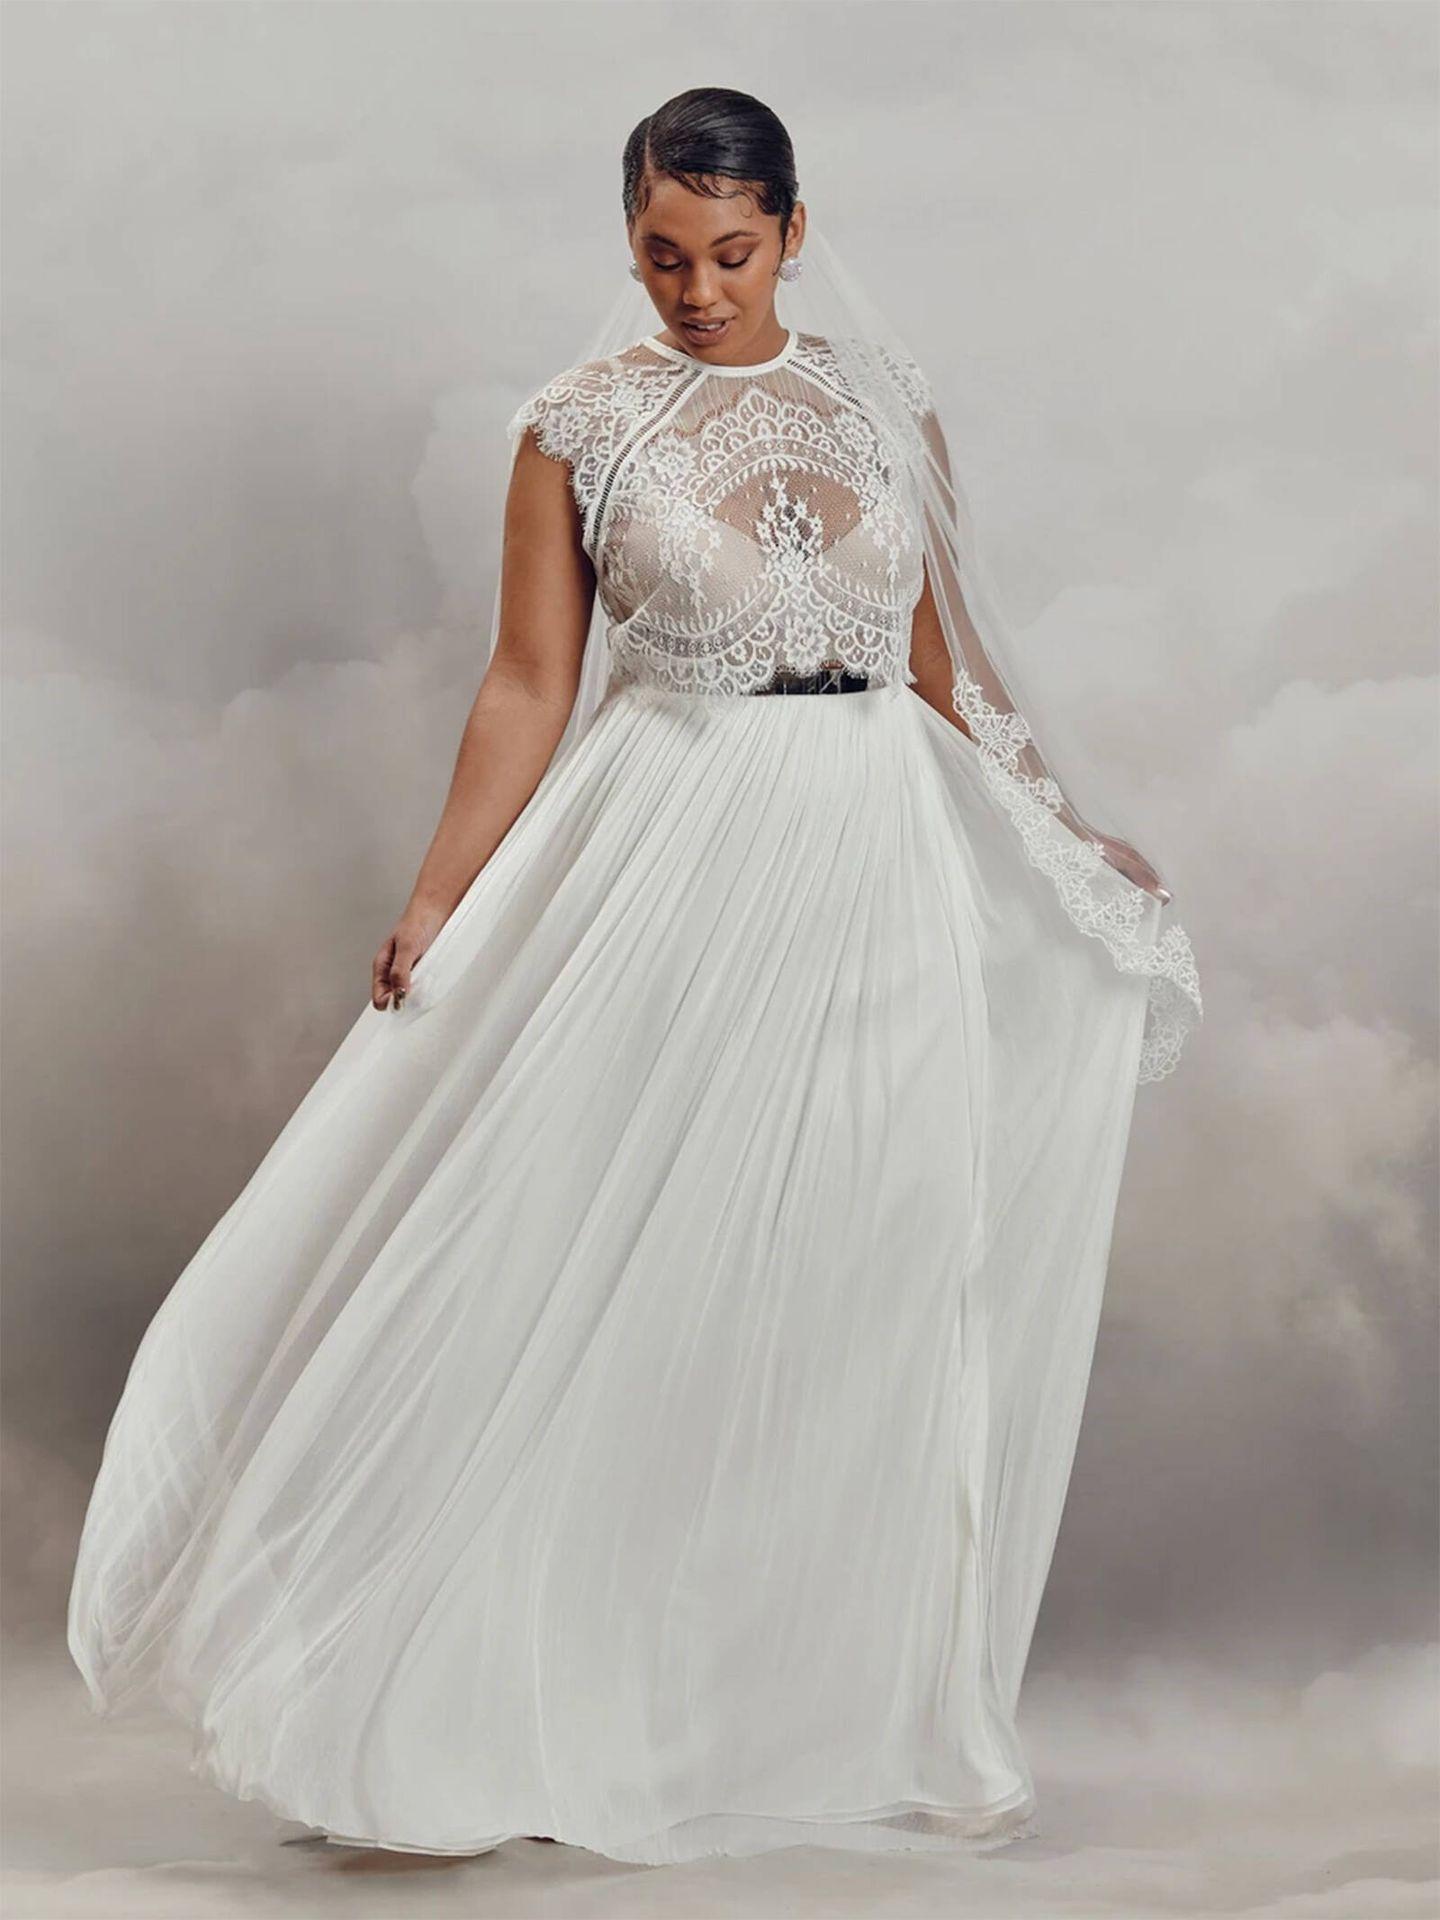 Uno de los espectaculares vestidos de novia de Catherine Deane. (Cortesía)